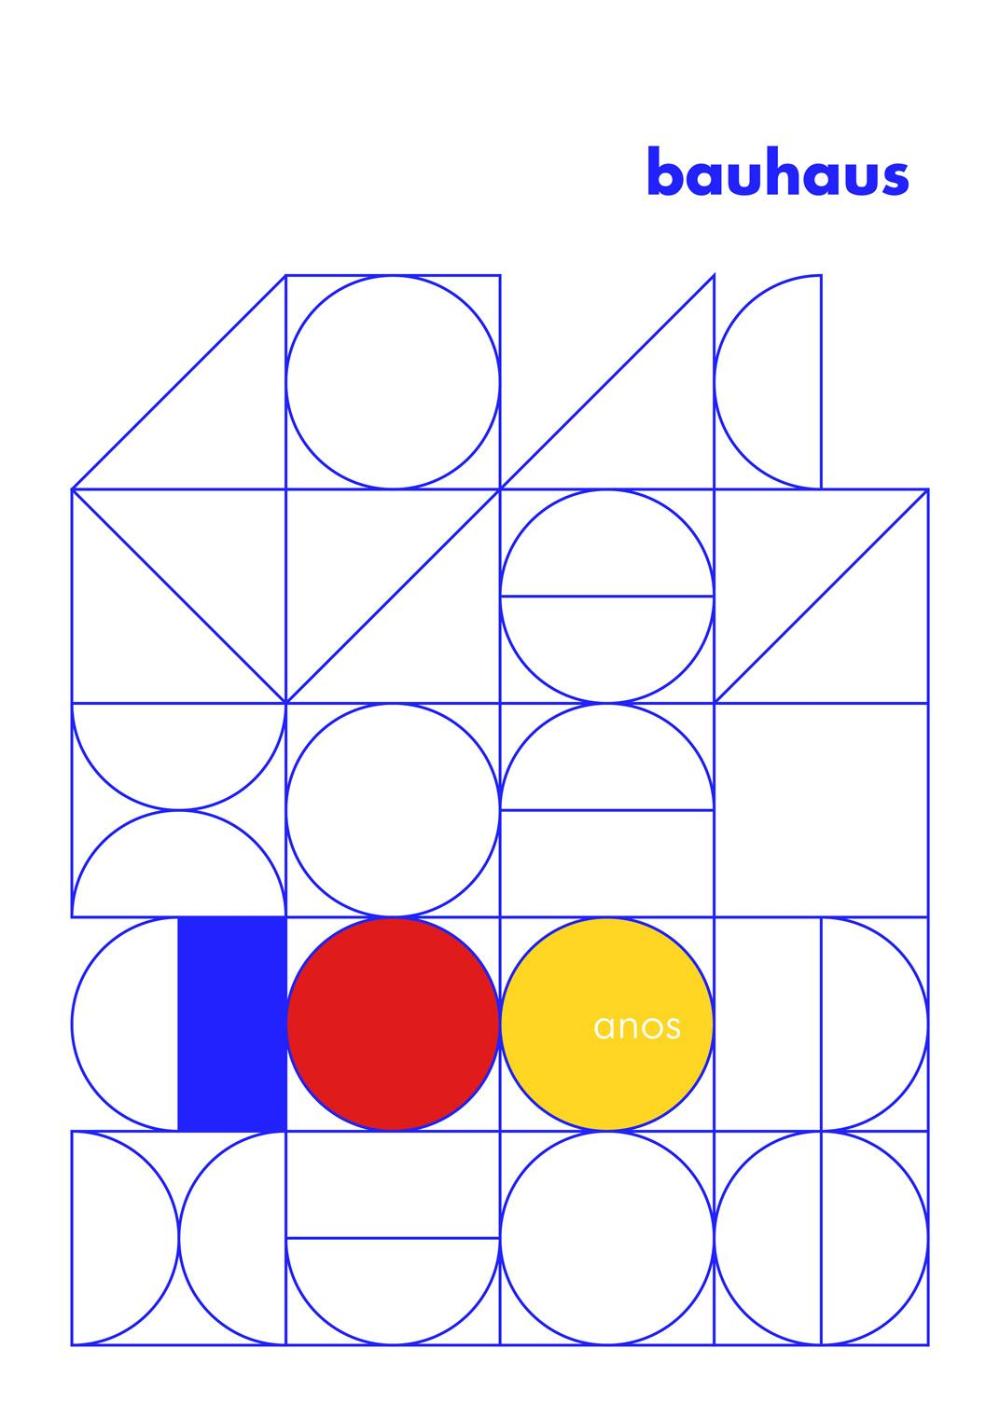 Pôsteres Bauhaus 100 anos Графический дизайн